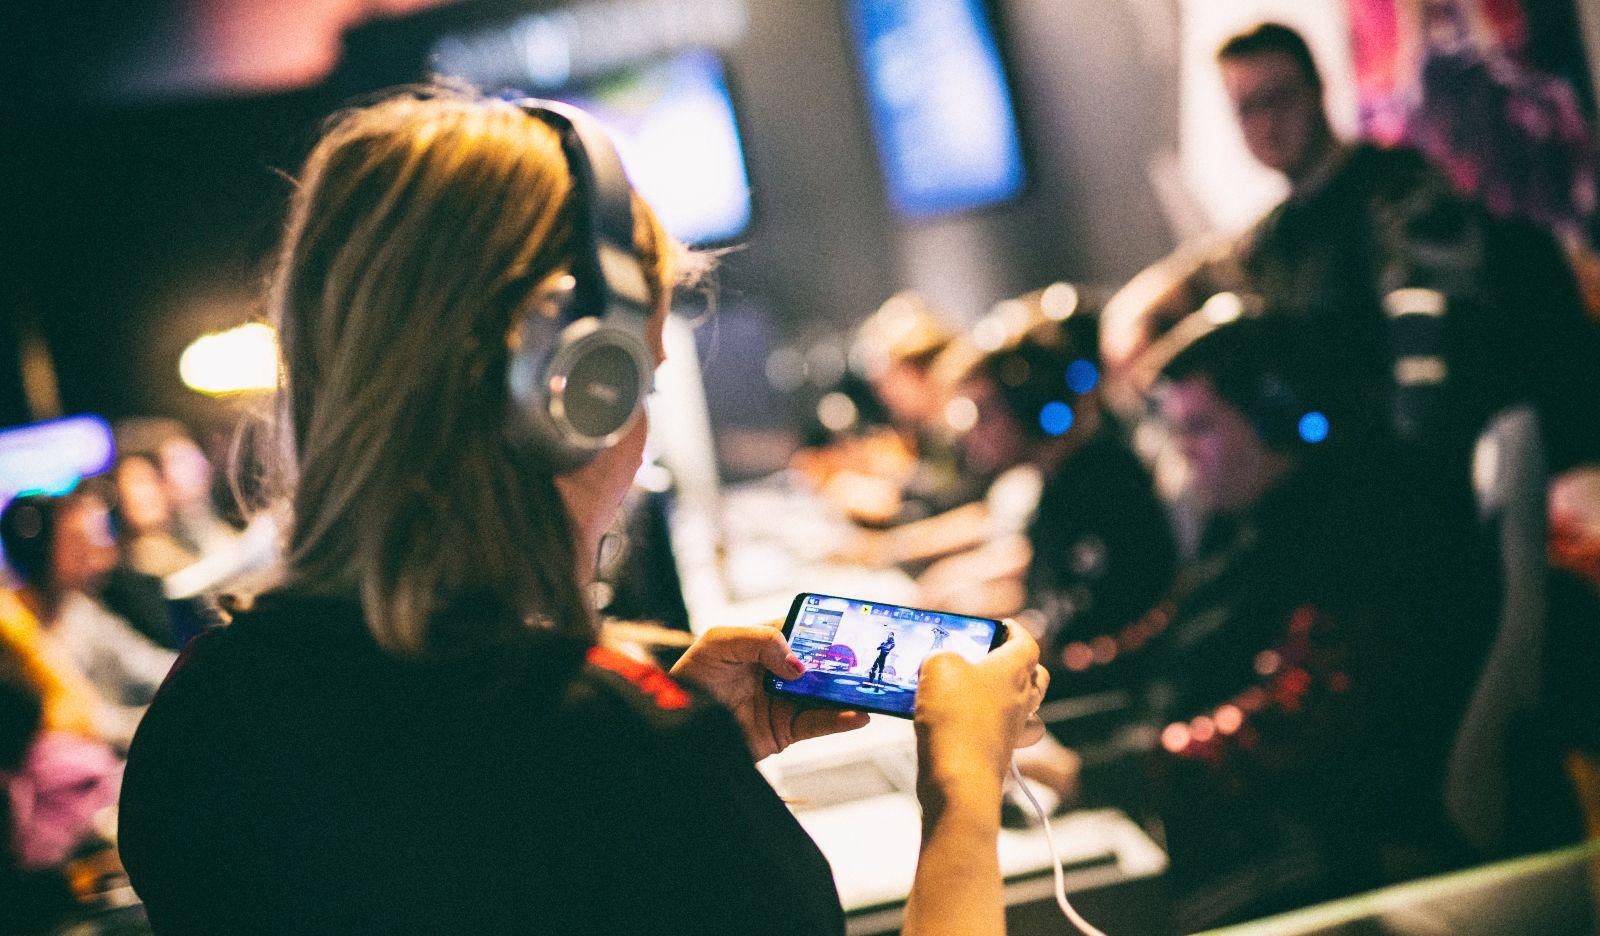 Лучшие соревновательные игры для мобильных телефонов